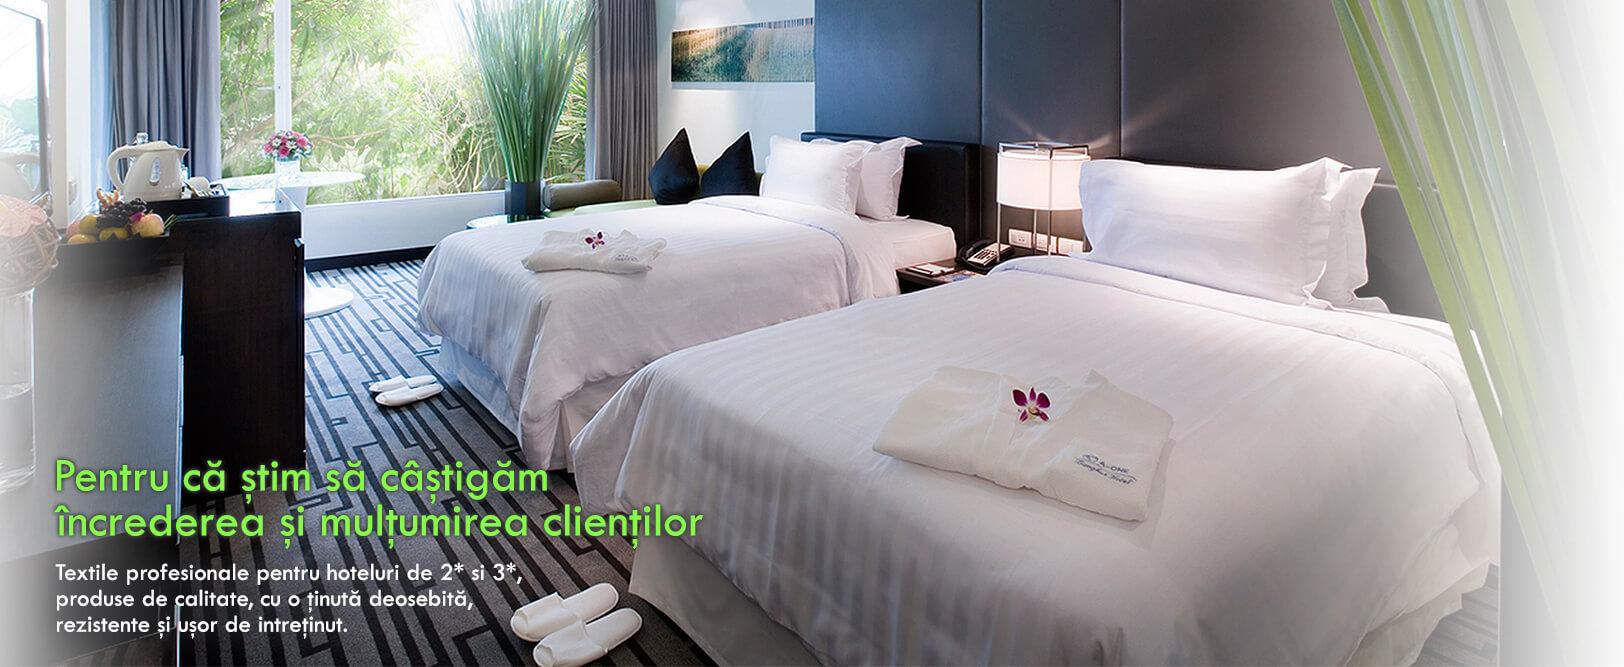 hotel-2-3-stele2a-bun